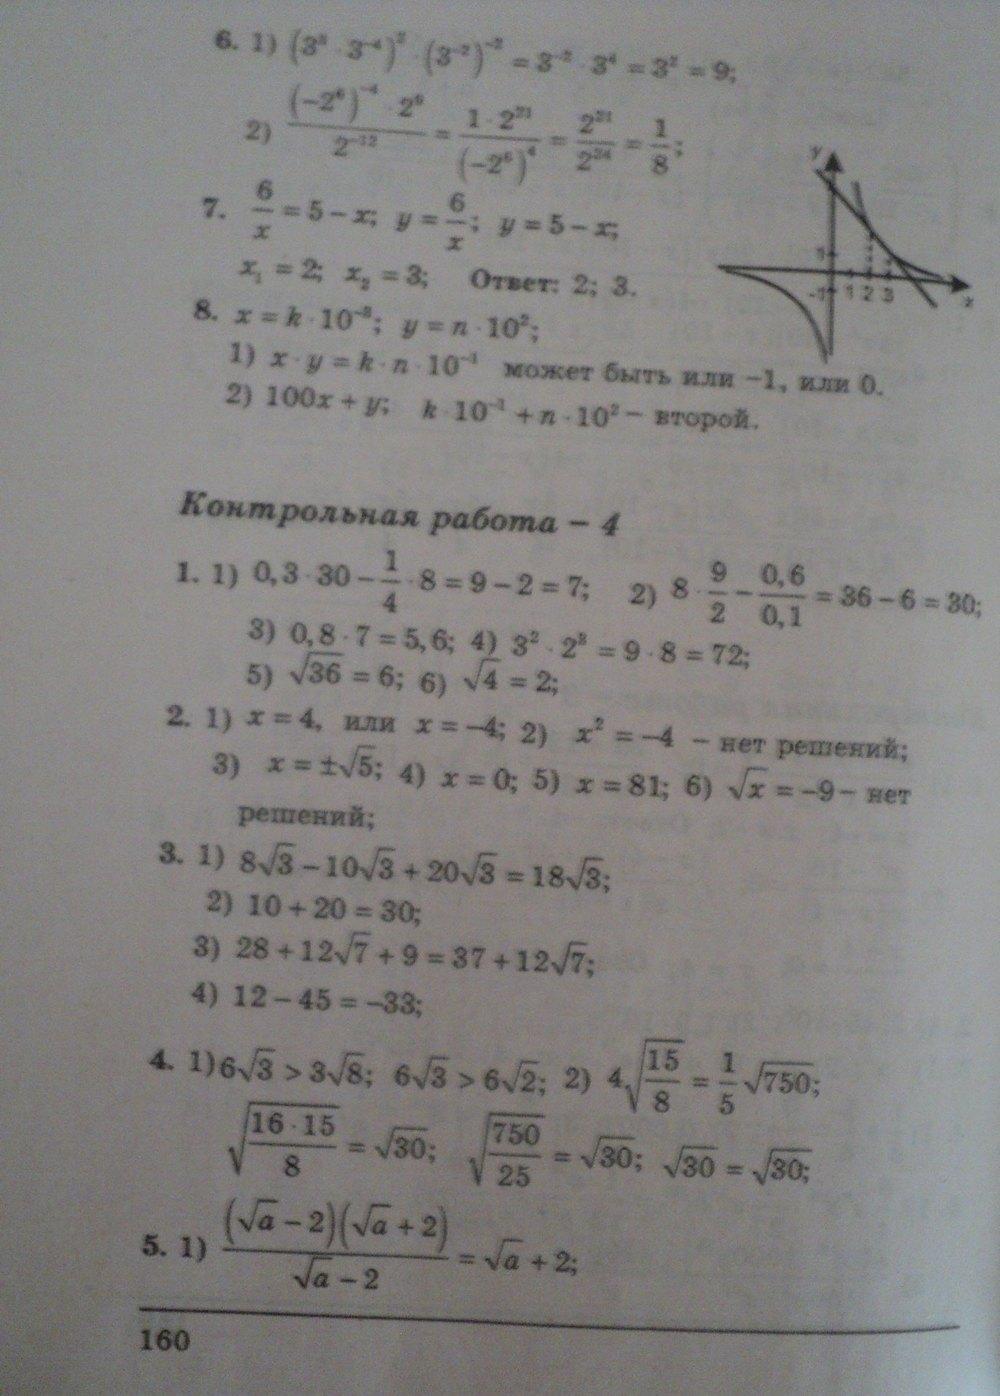 ГДЗ по алгебре 8 класс Щербань П.. Задание: стр. 160